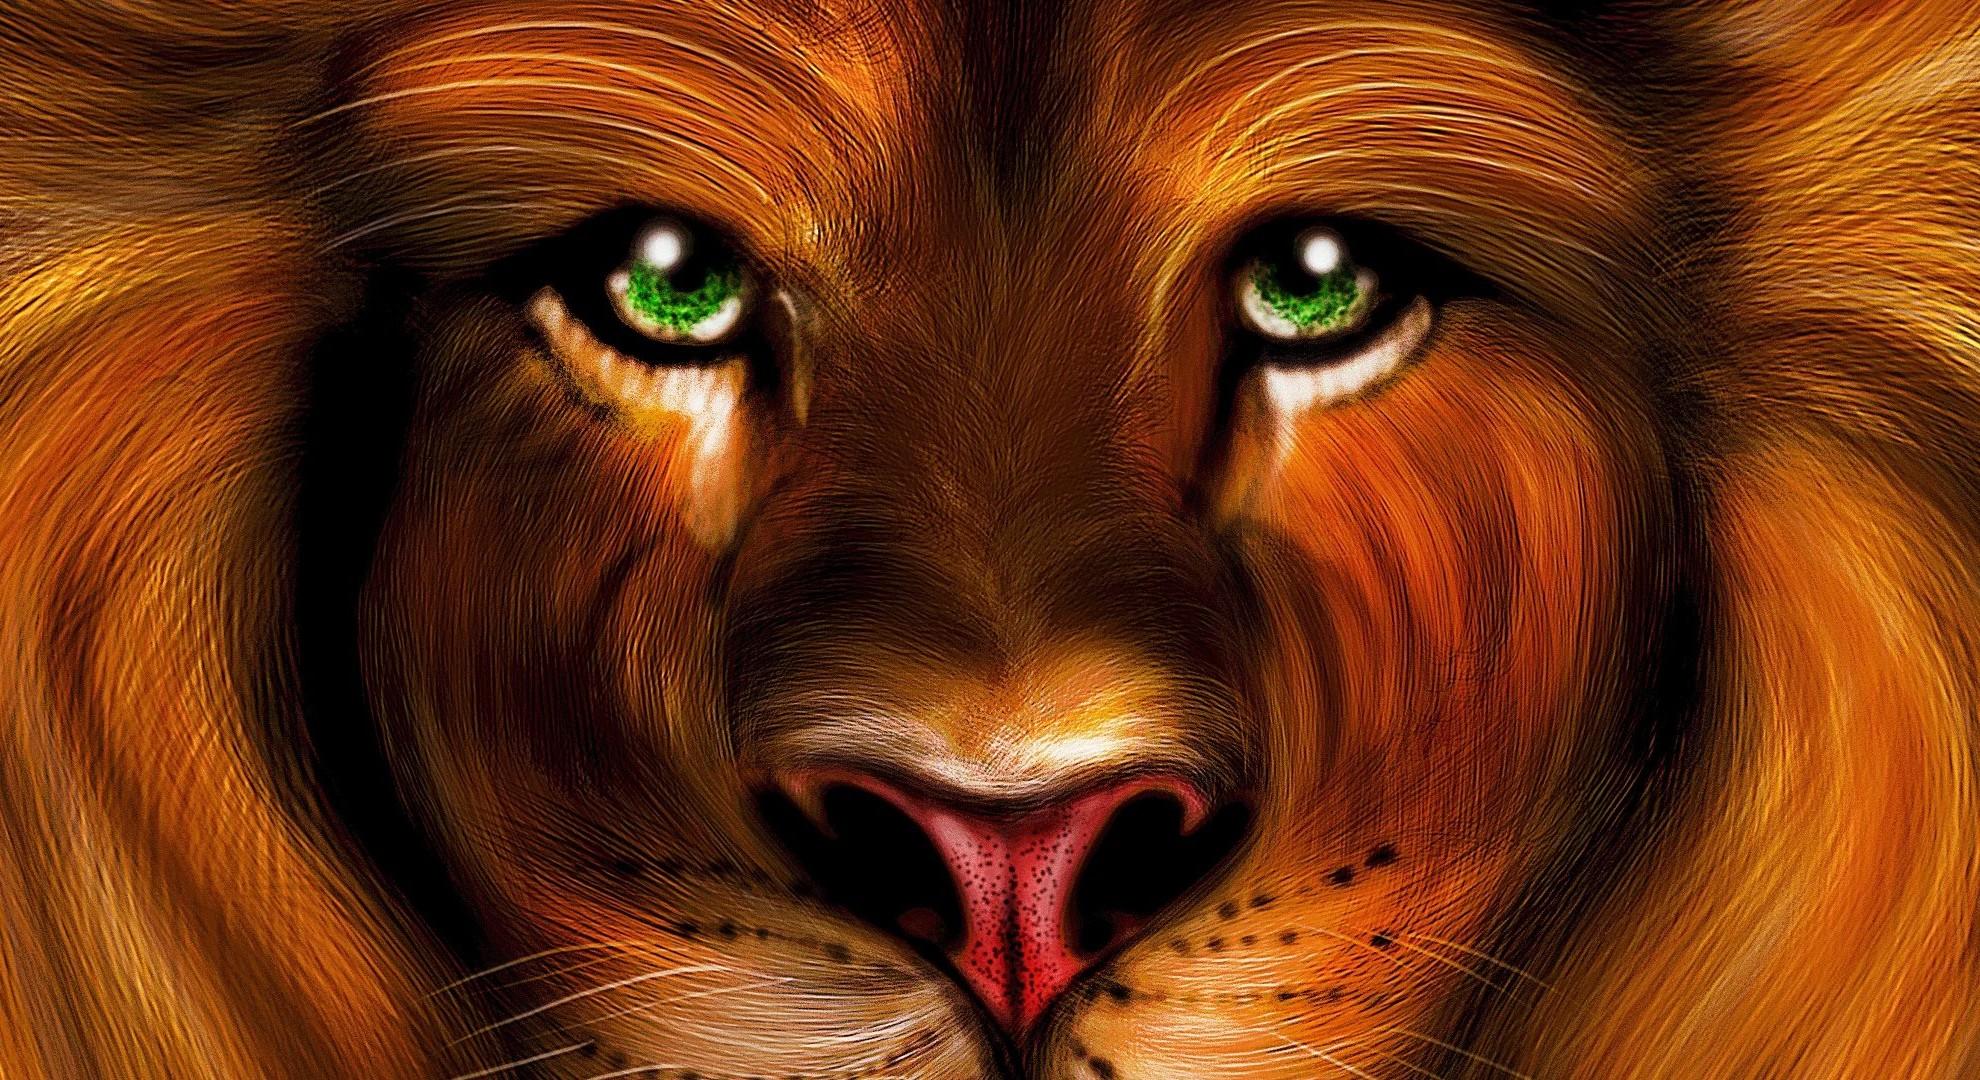 Обои на рабочий стол глаза льва